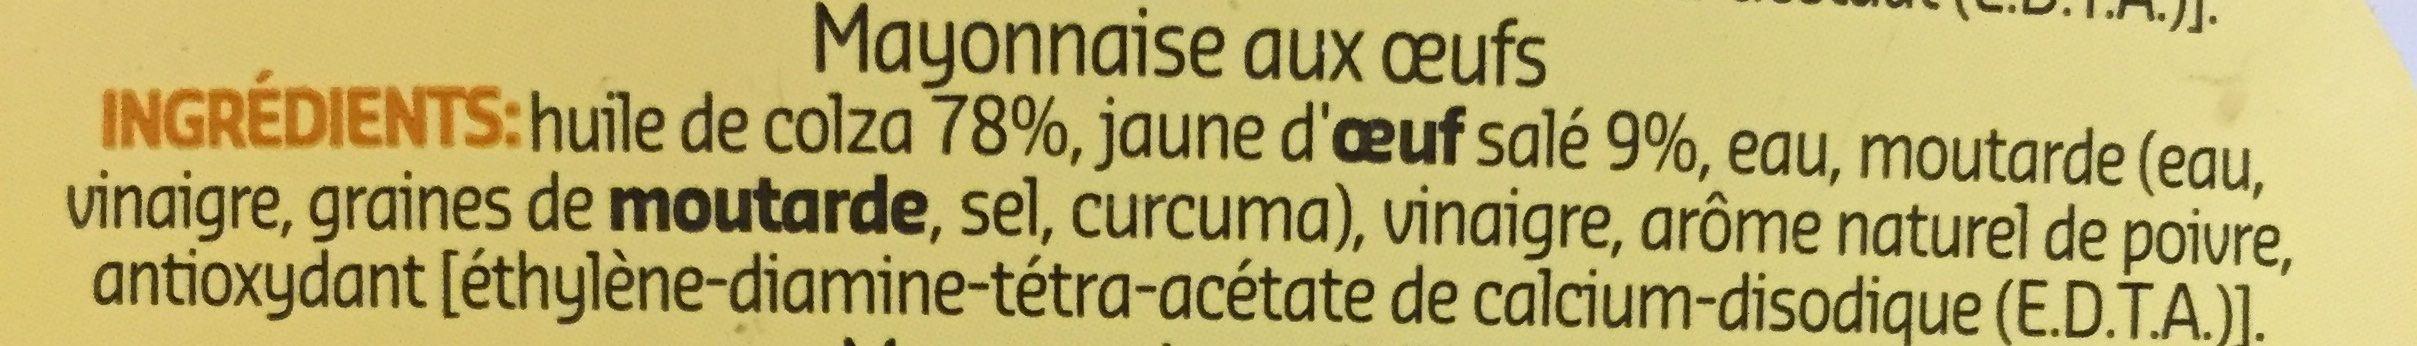 Mayonnaise oeufs - Ingrediënten - fr